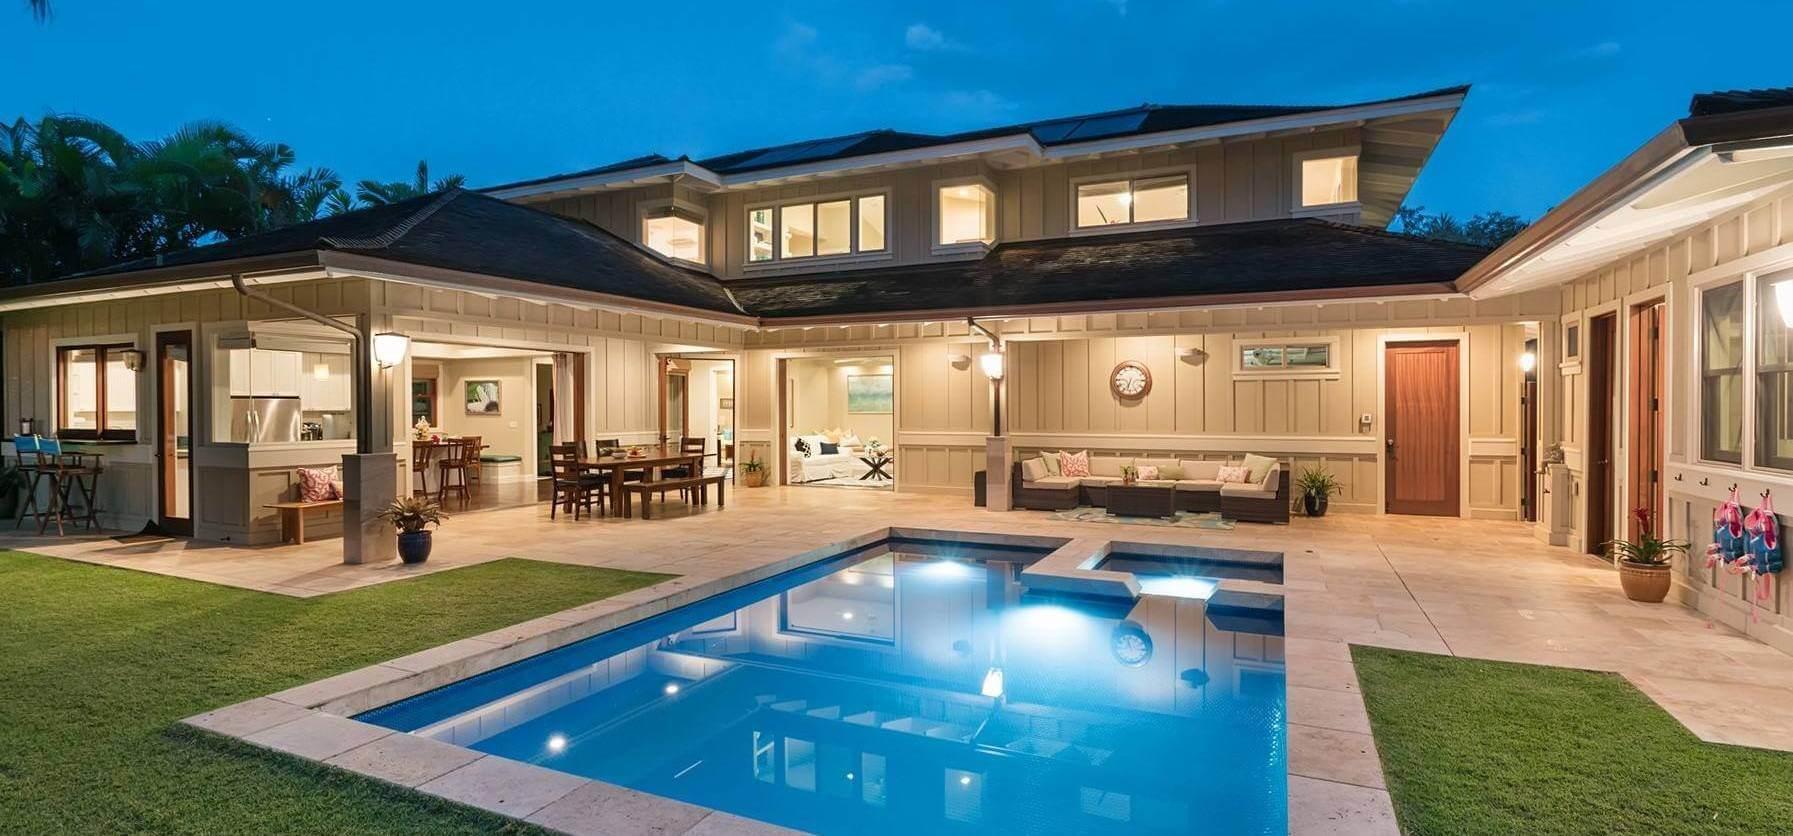 Real Estate Agent Waialua